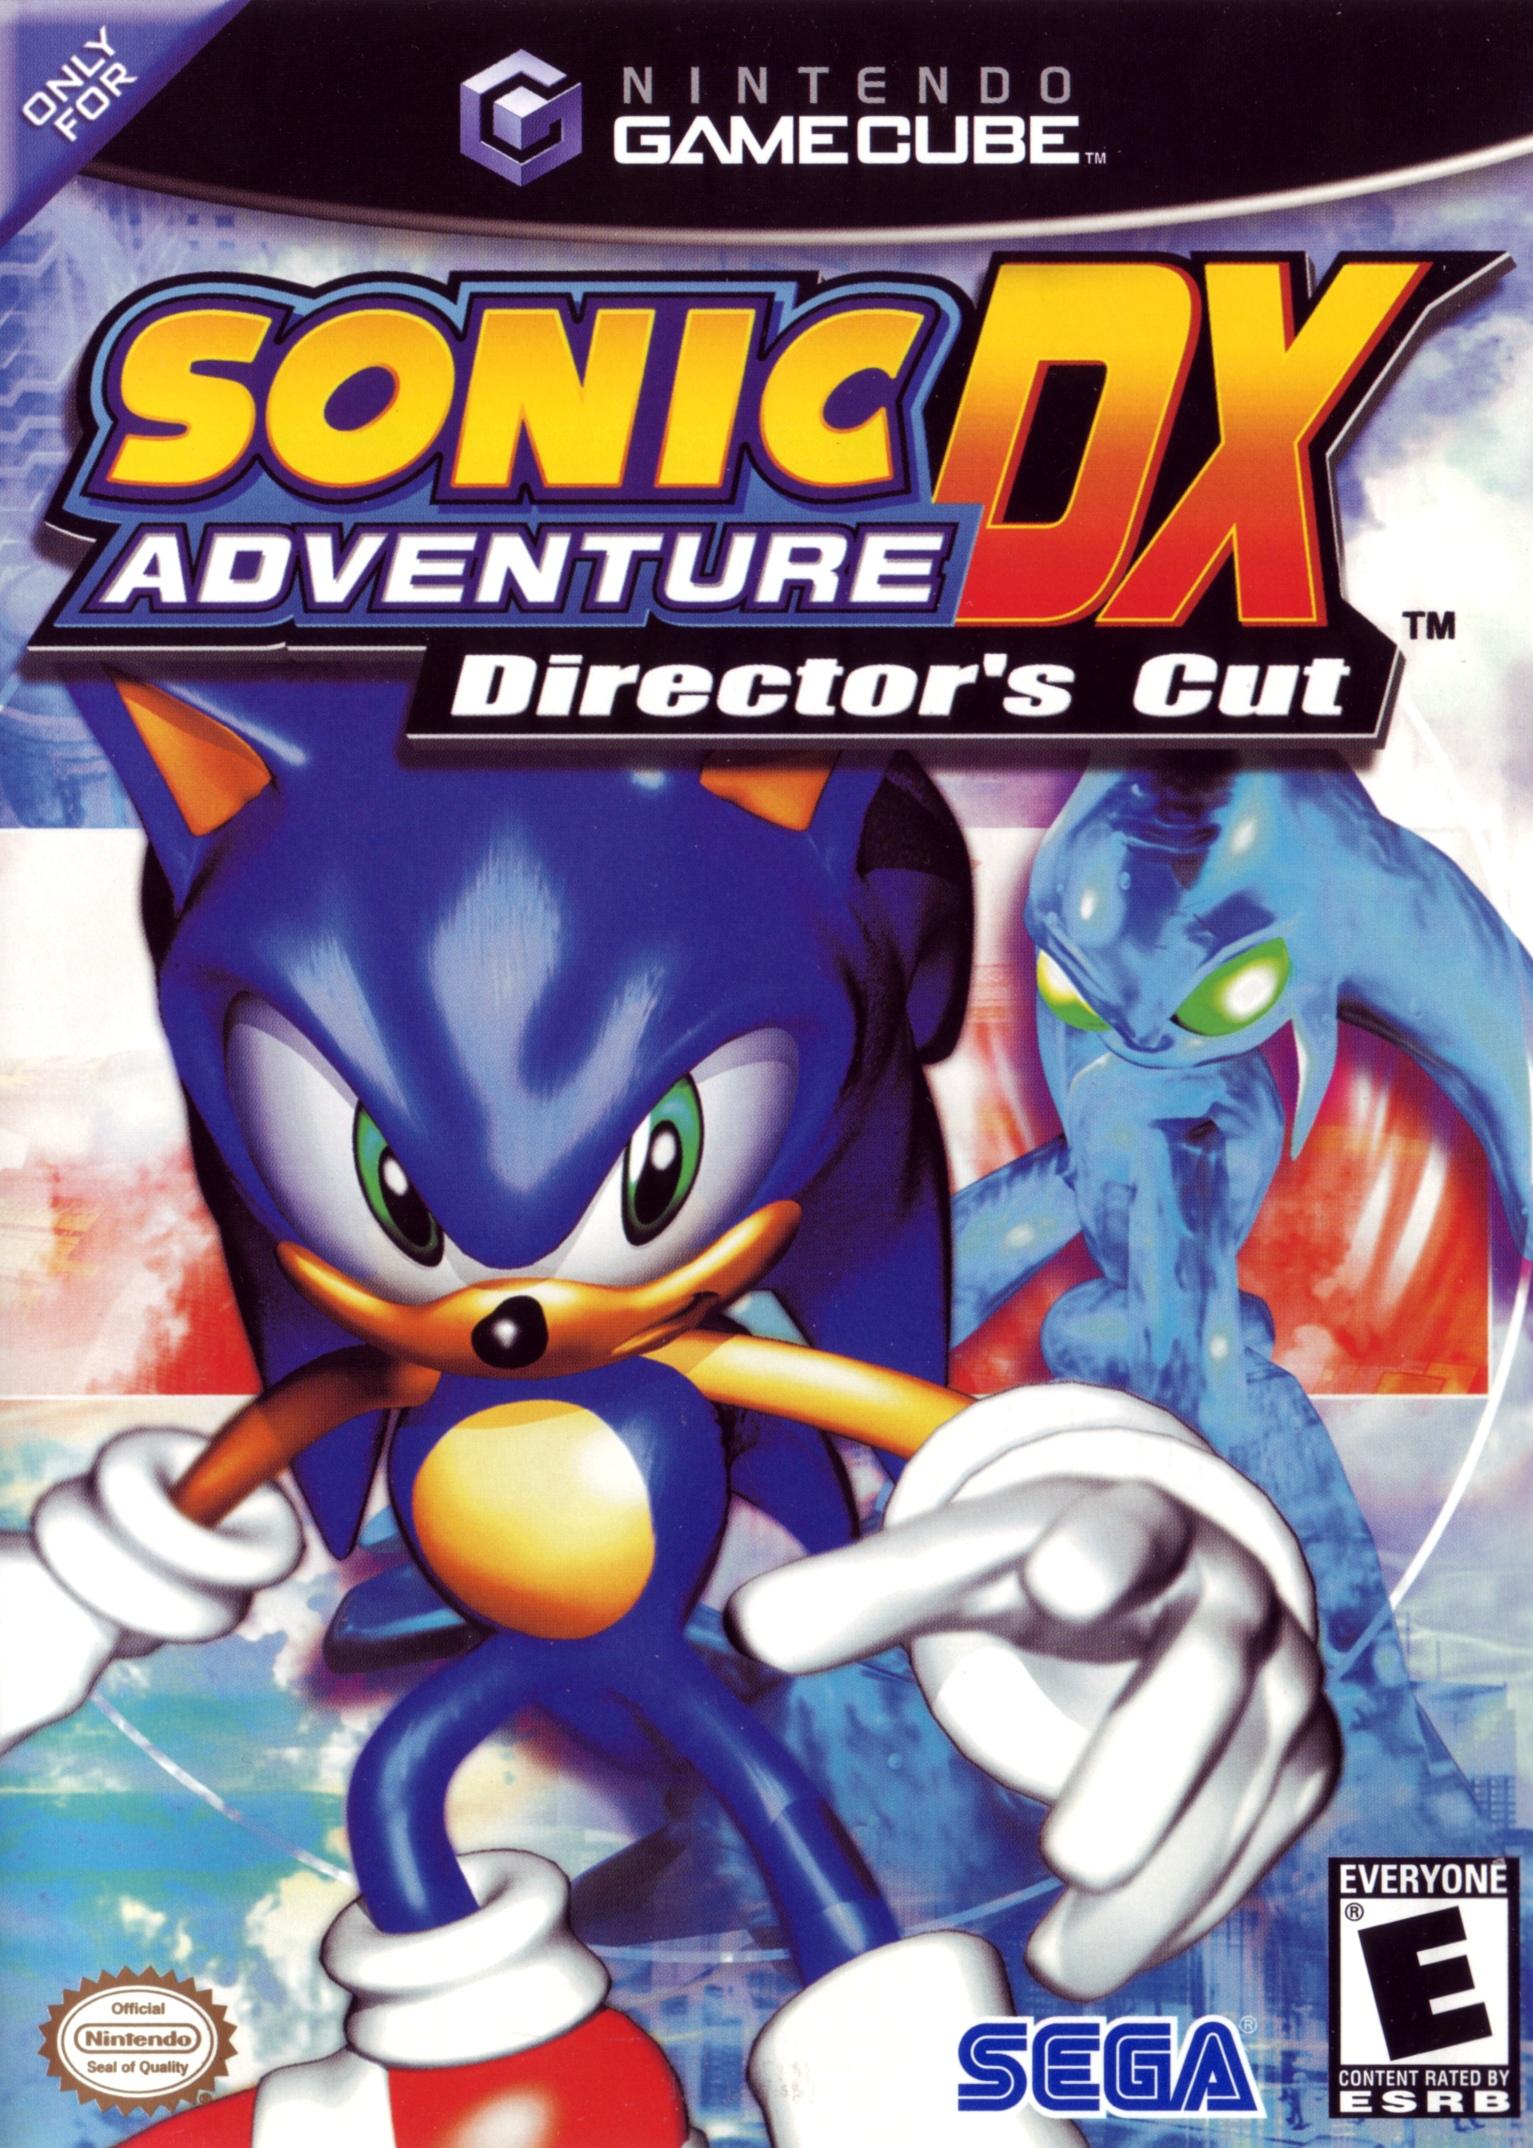 Sonic Adventure Dx Director's Cut/GameCube